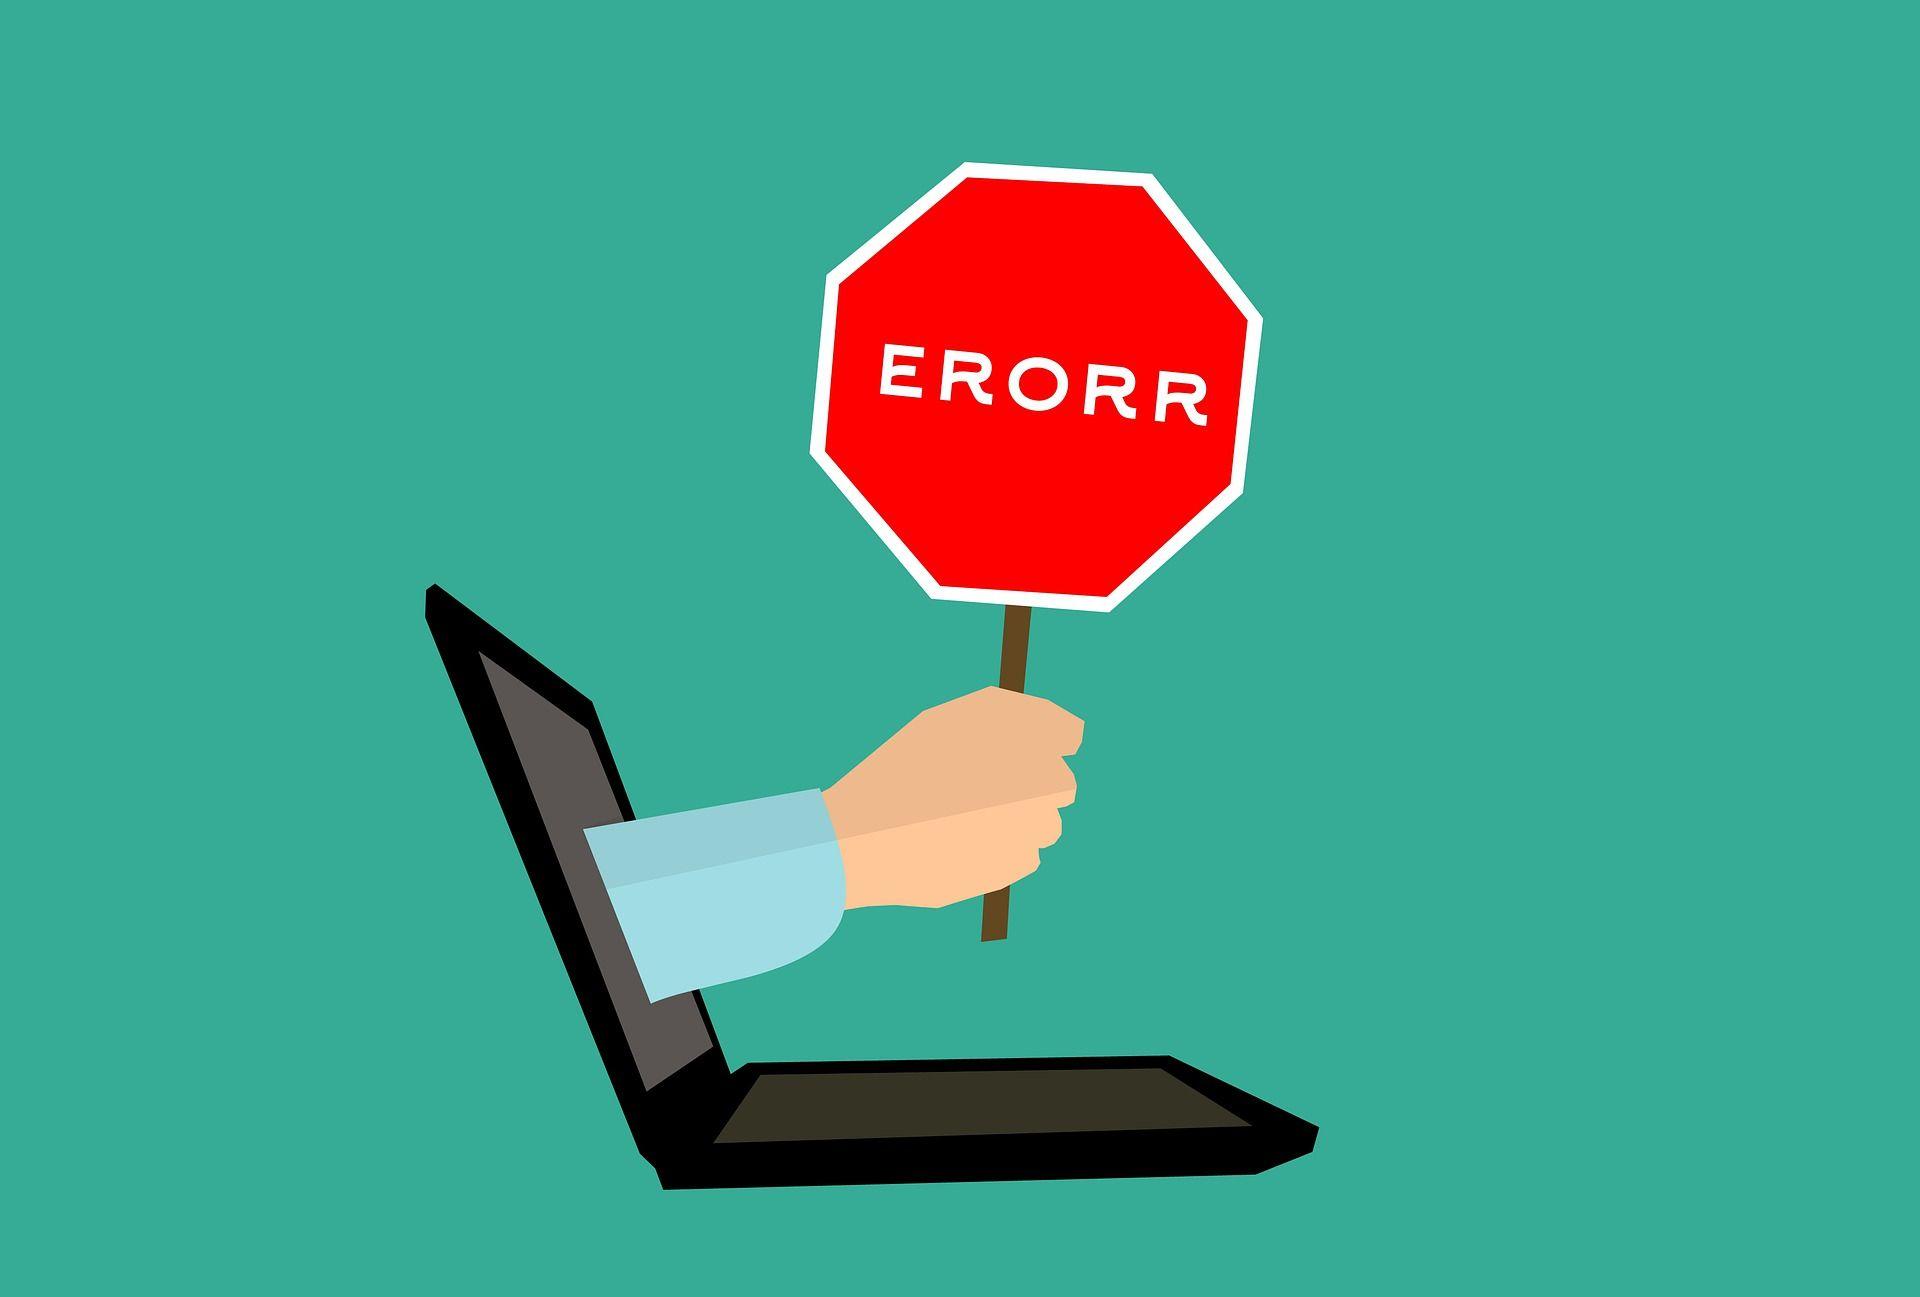 خطاهای رایج در گاوصندوق های دیجیتالی ایگل